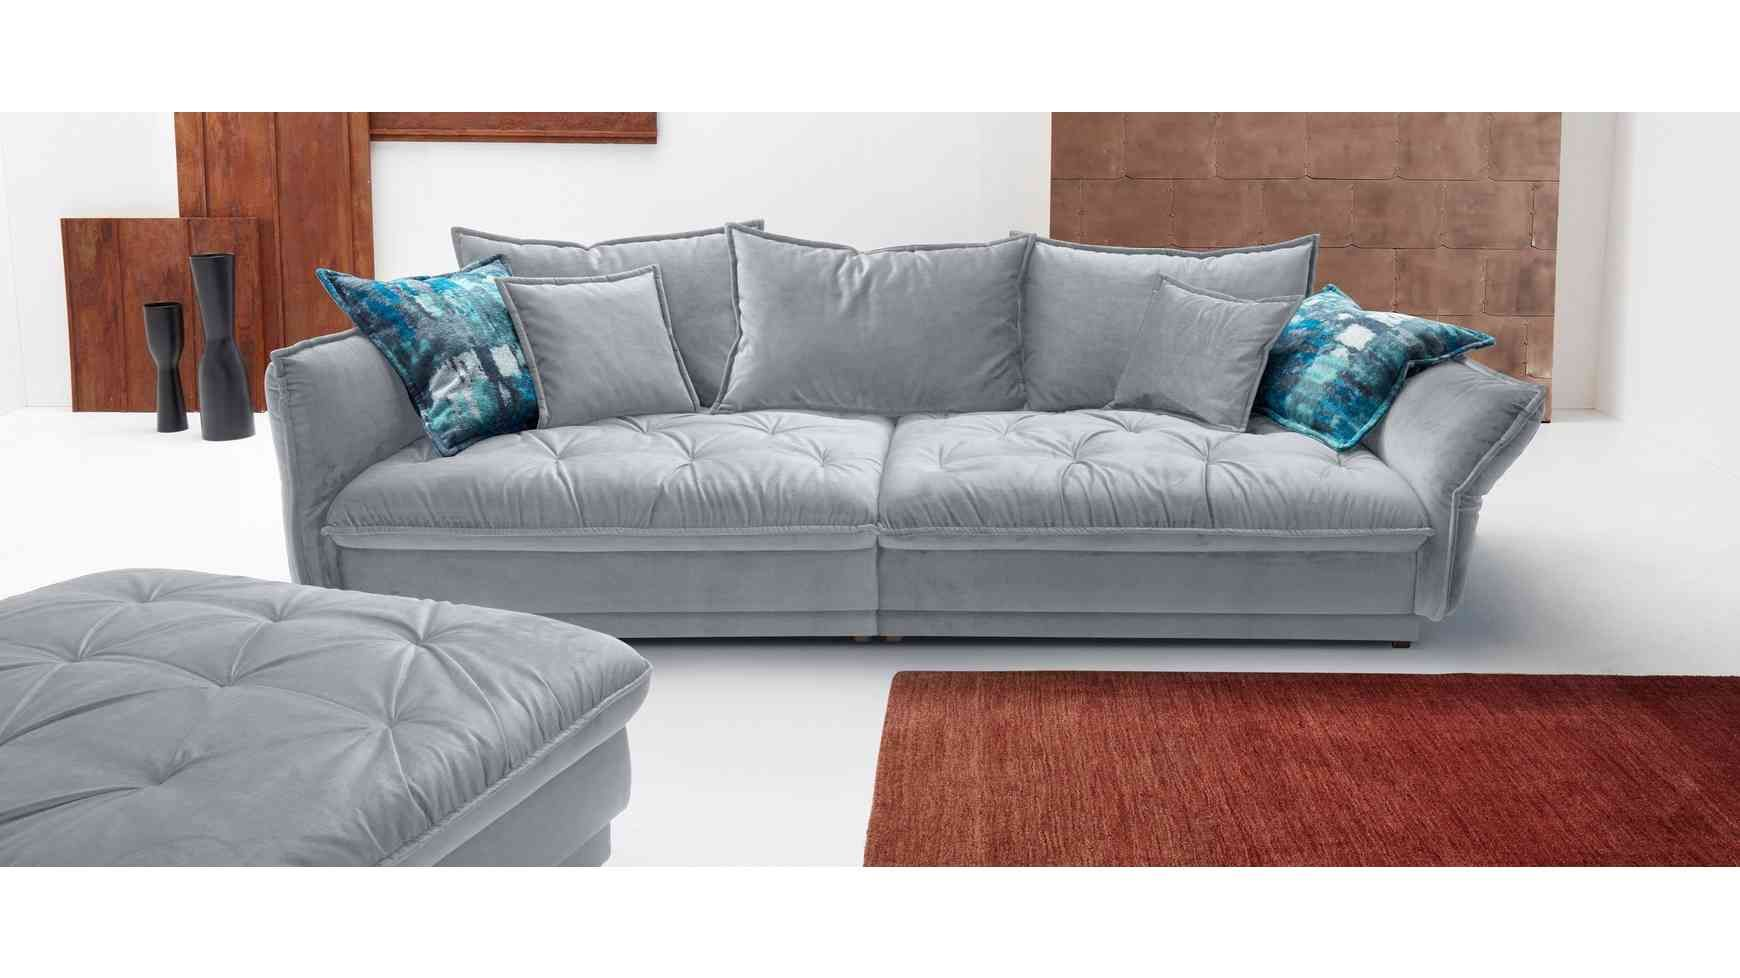 Inosign Big Sofa Palladio Wahlweise Mit Led Ambiente Beleuchtung Sofa Wohnzimmer Sofa Ruckenkissen